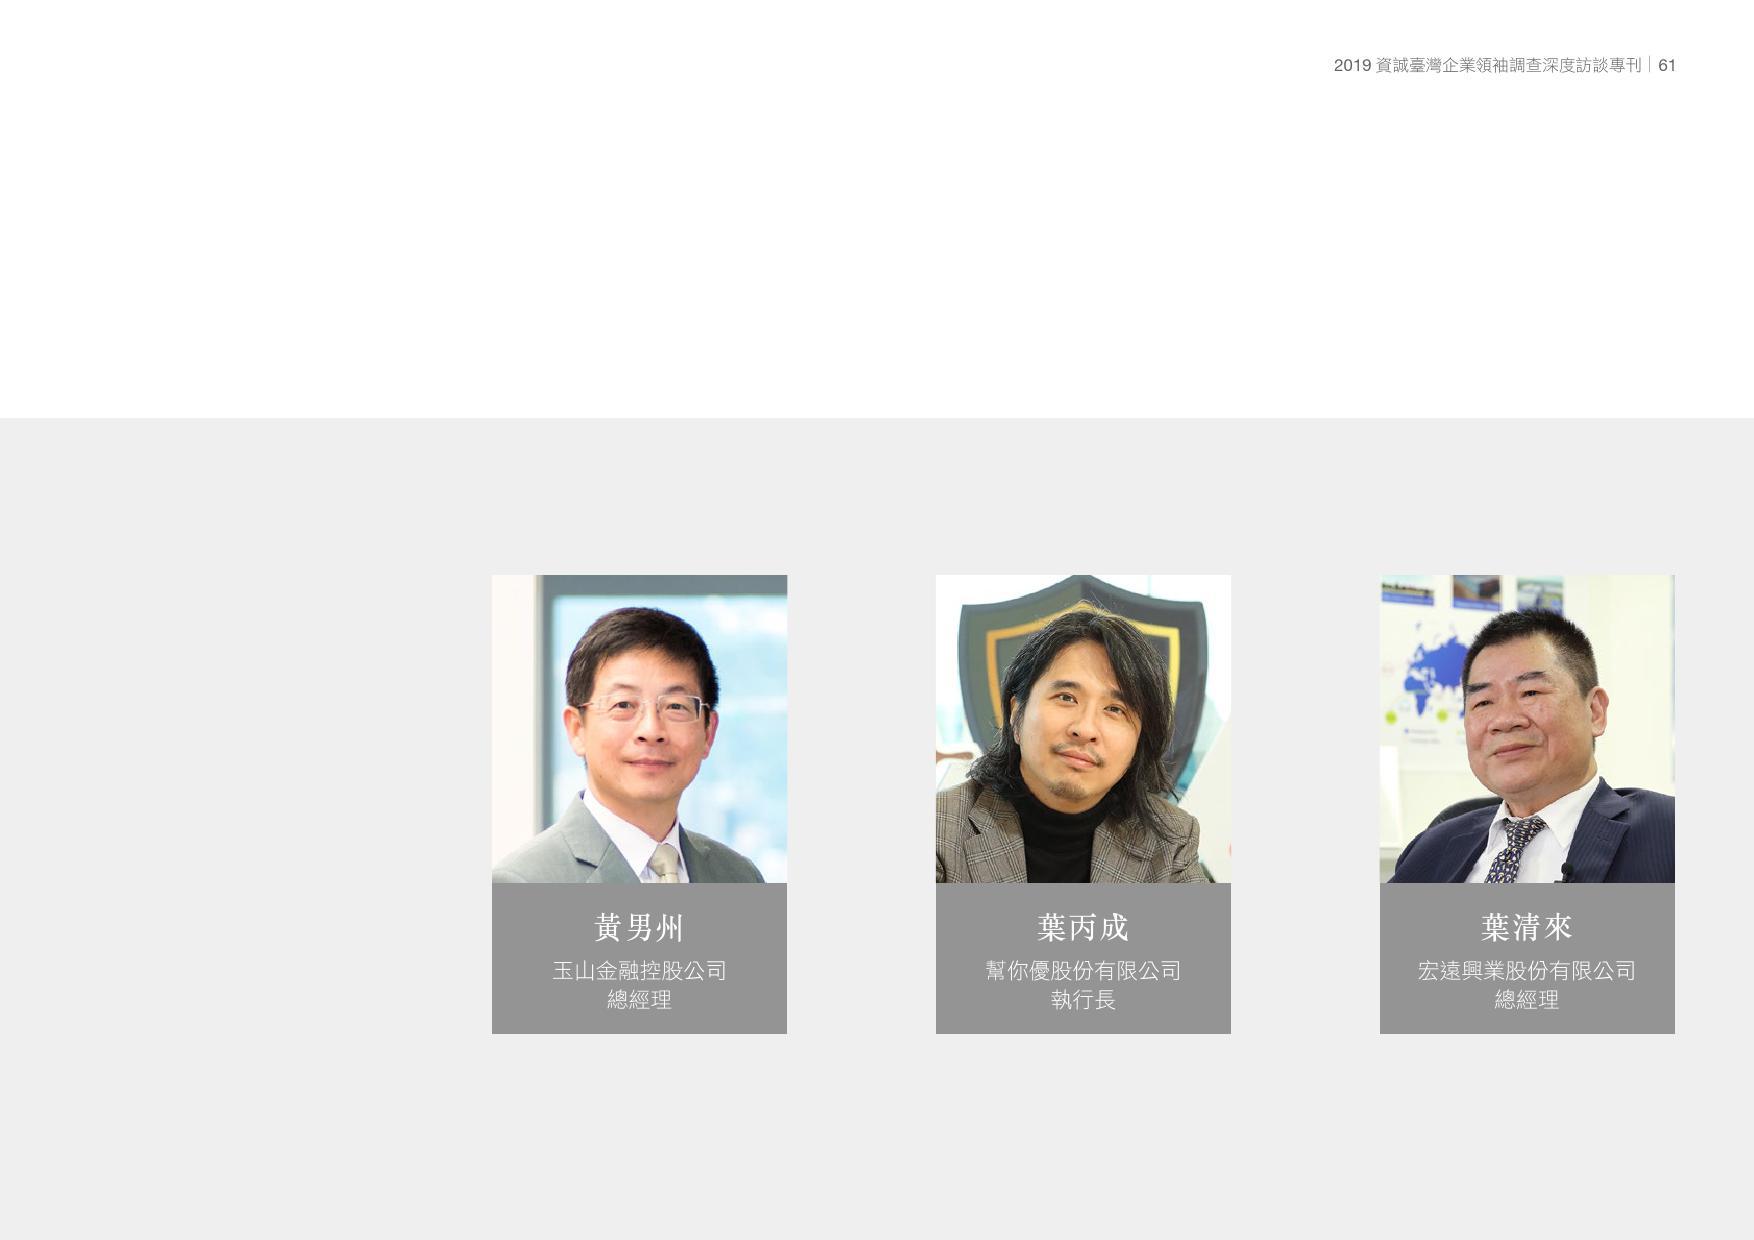 2019经济领袖_...南省黑龙江商会2019商业领袖峰会成功召开